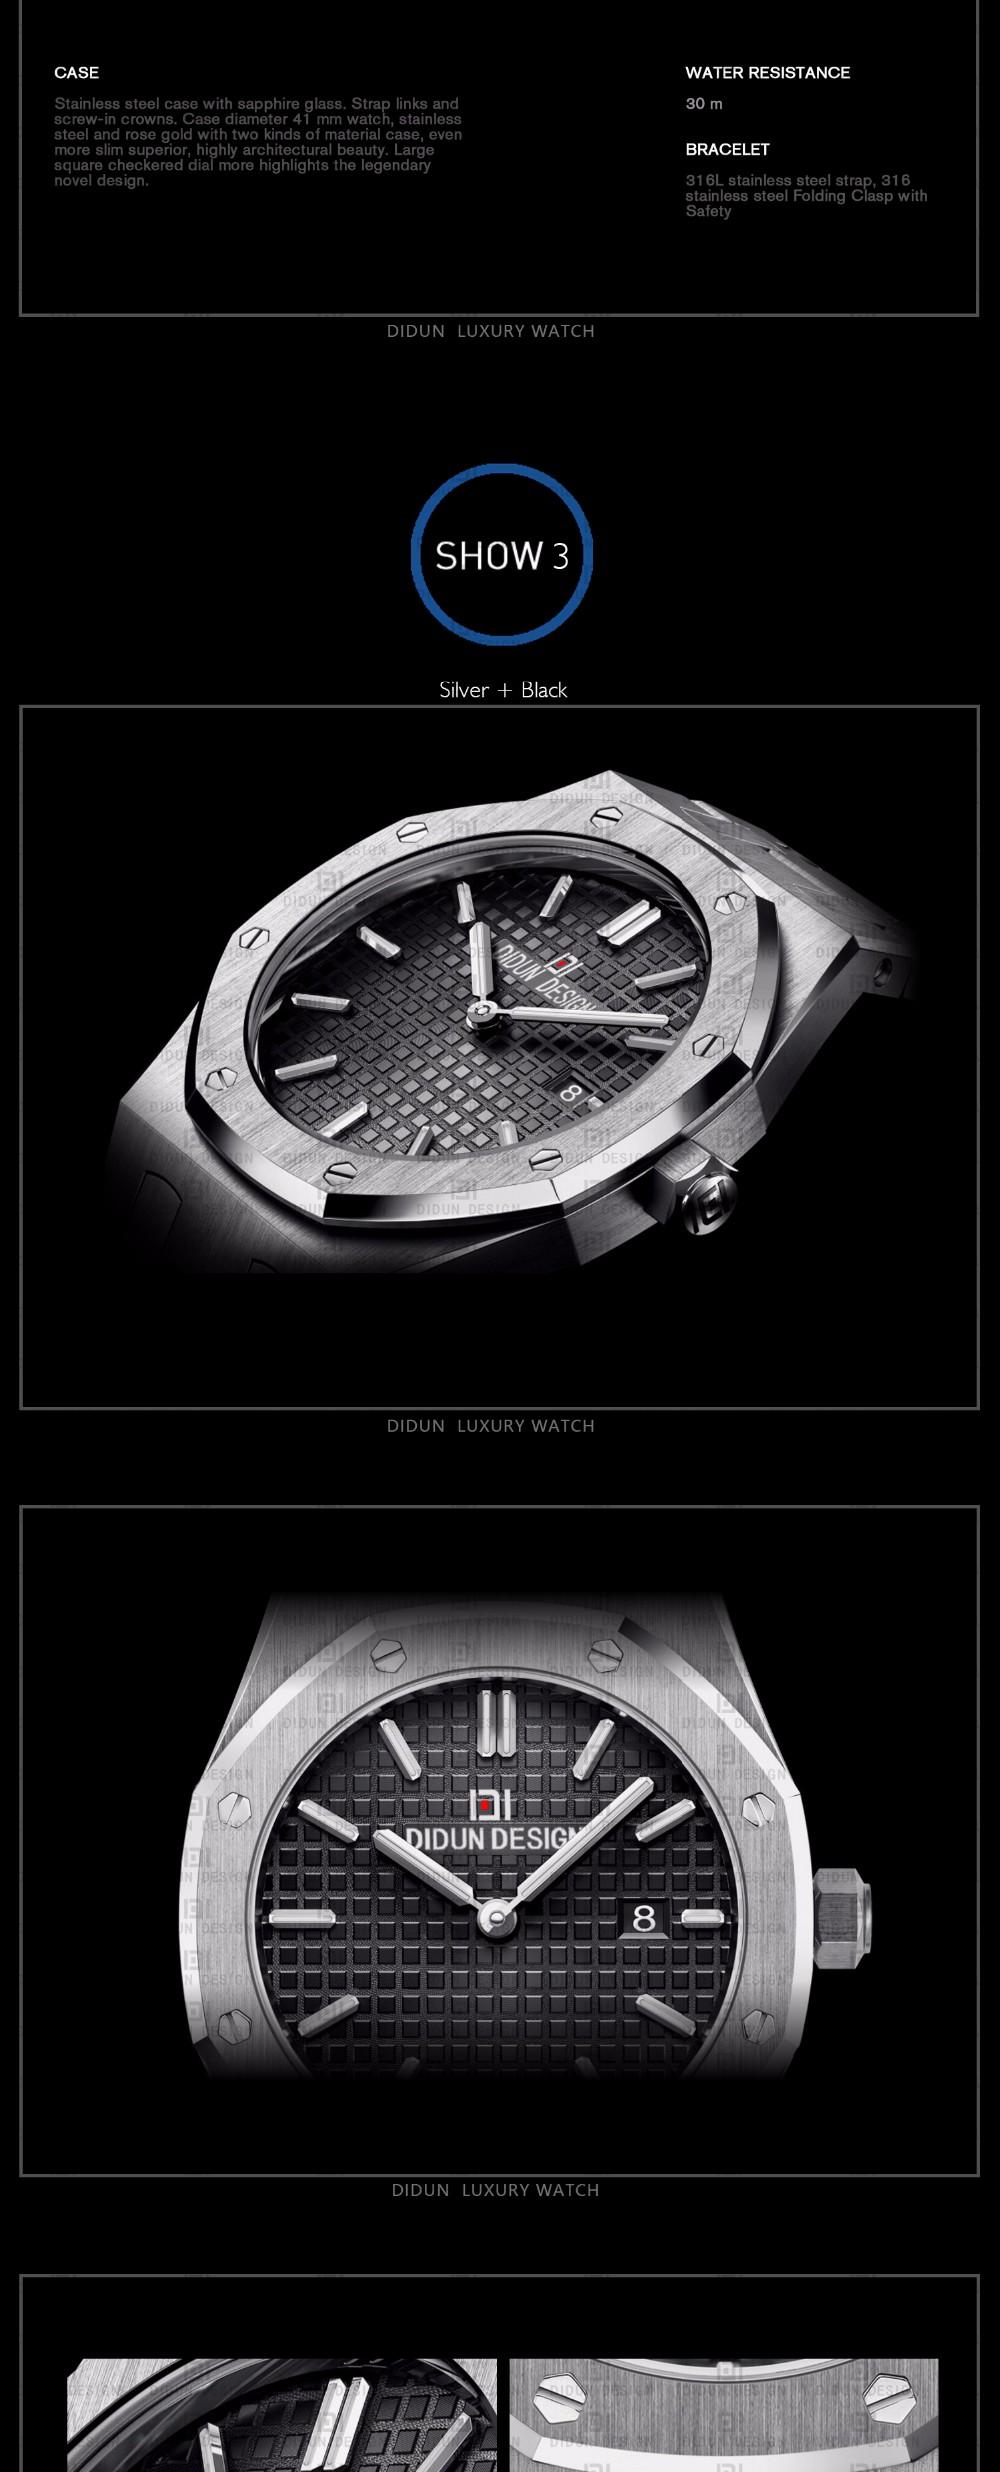 Горячие Мужские Роскошные Часы Полный Сталь Бренд Кварцевые часы Мужчины Платье Бизнес Часы Светящиеся Наручные Часы водонепроницаемость